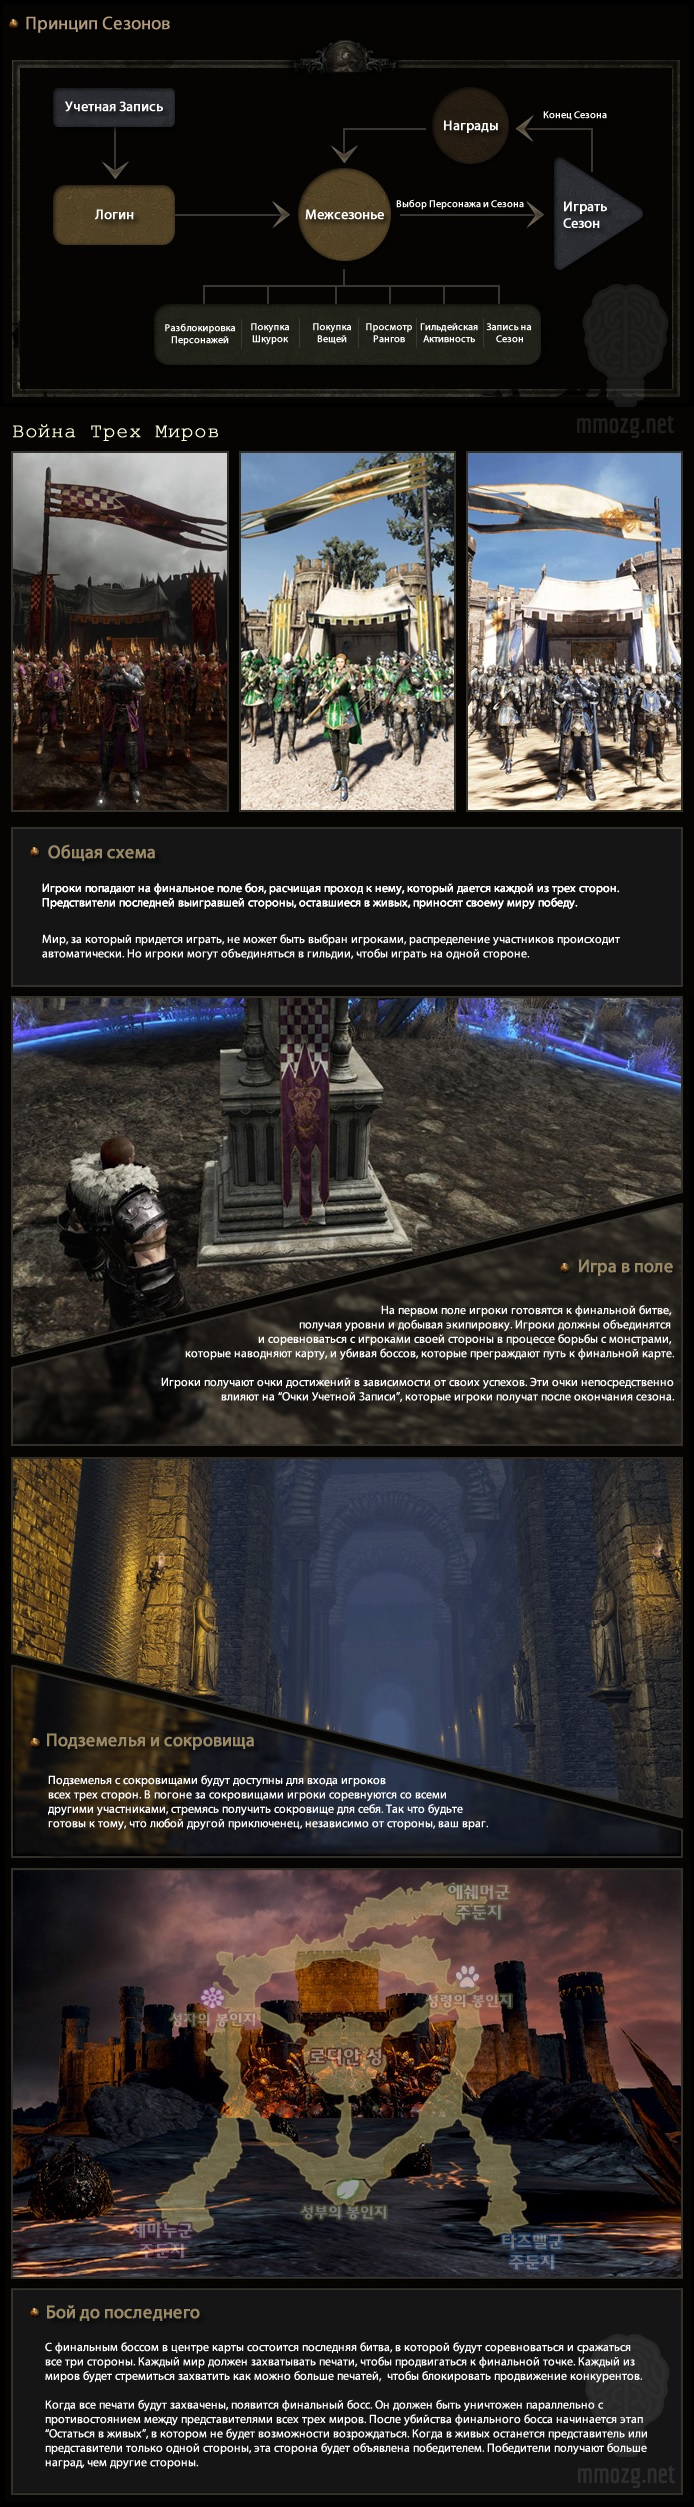 WolfKnights Online: Голодные игры с порохом